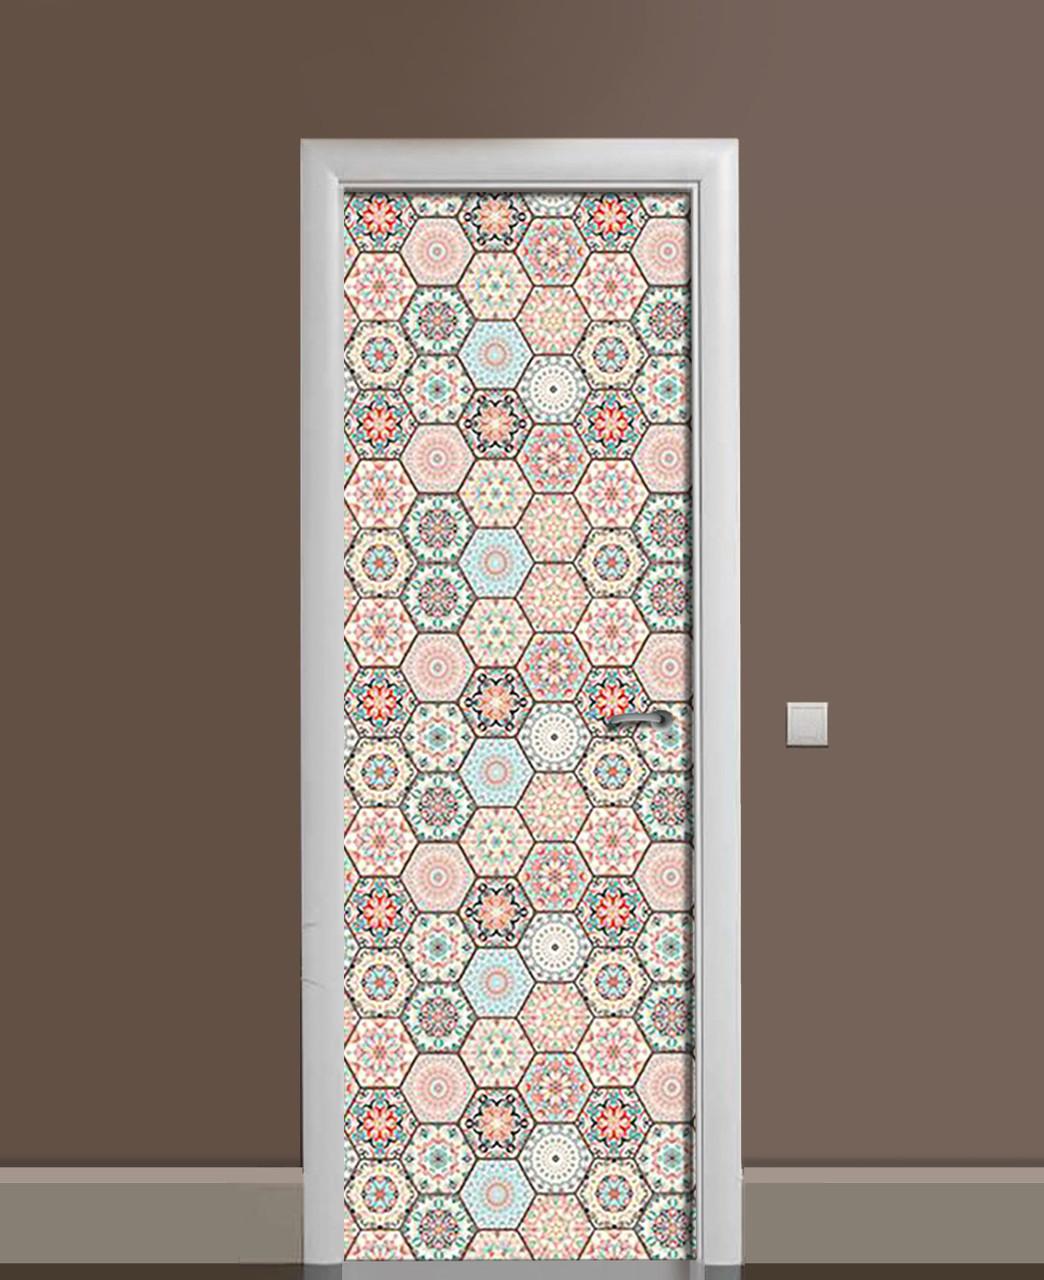 Декоративна наклейка на двері азулежу Стільники Печворк ПВХ плівка з ламінуванням 65*200см Геометрія Бежевий